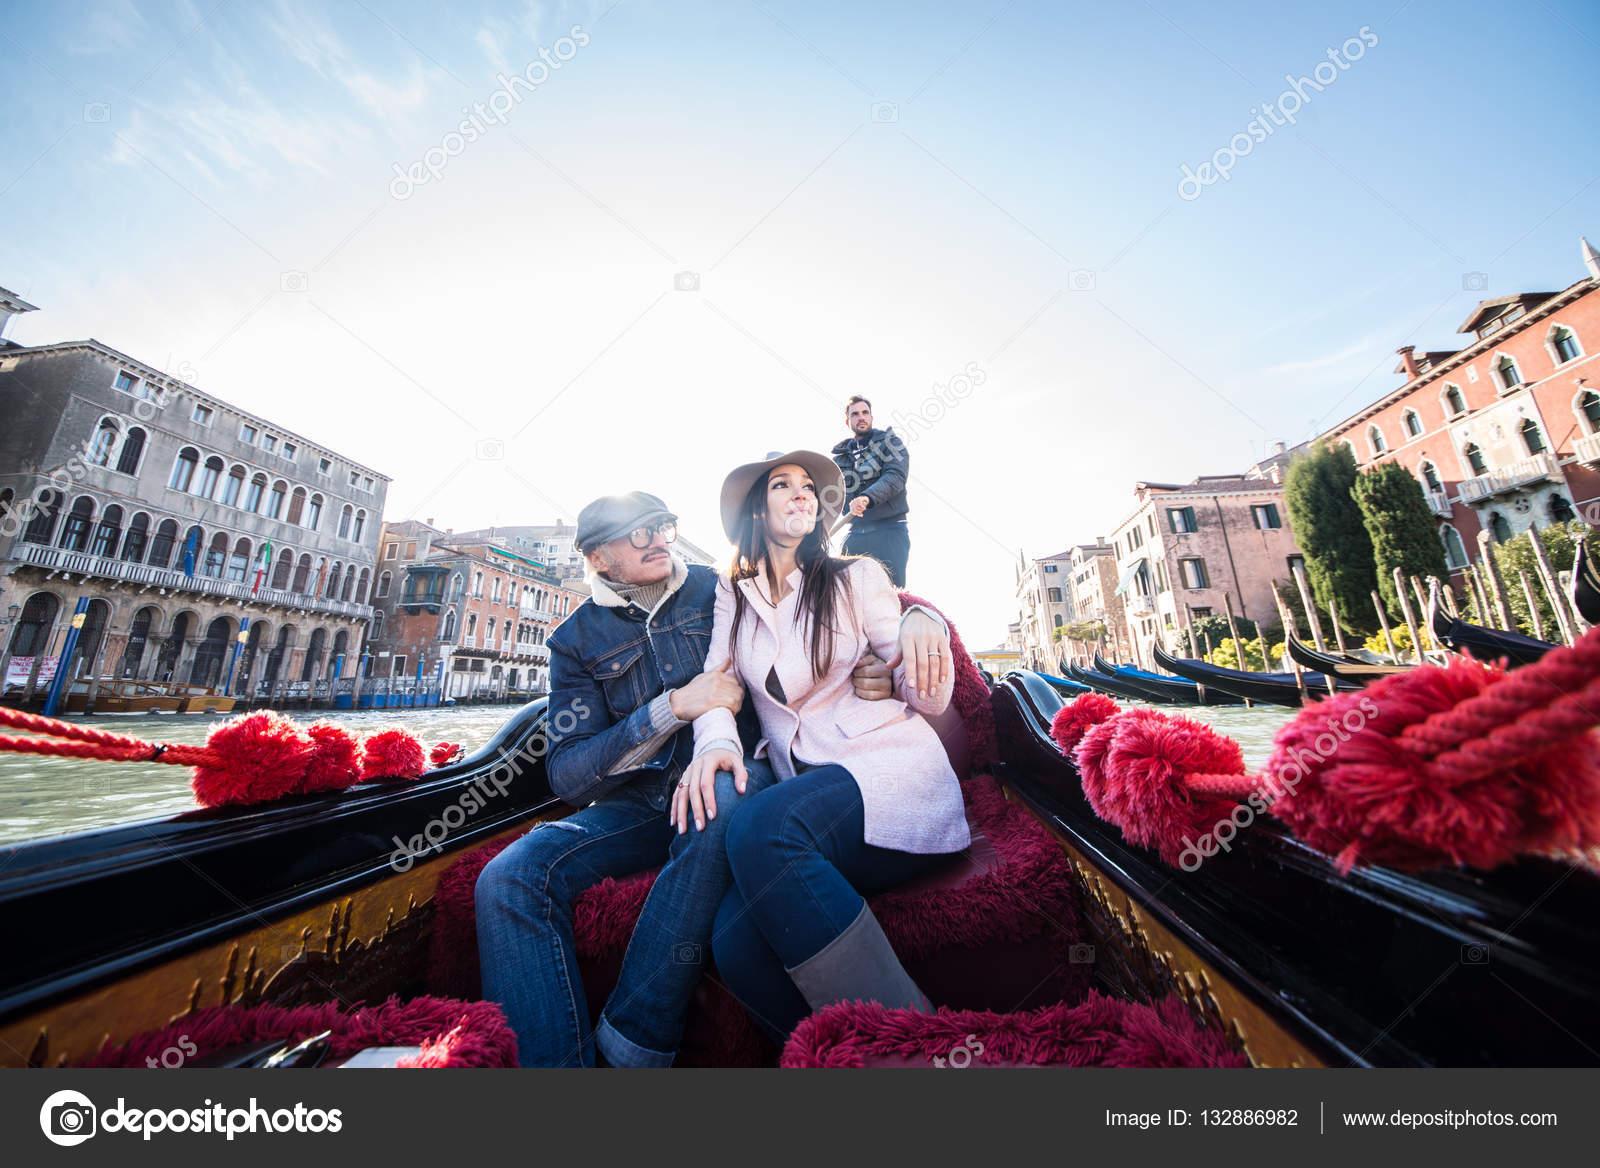 Bien connu d'amoureux en gondole vénitienne — Photo #132886982 WX17